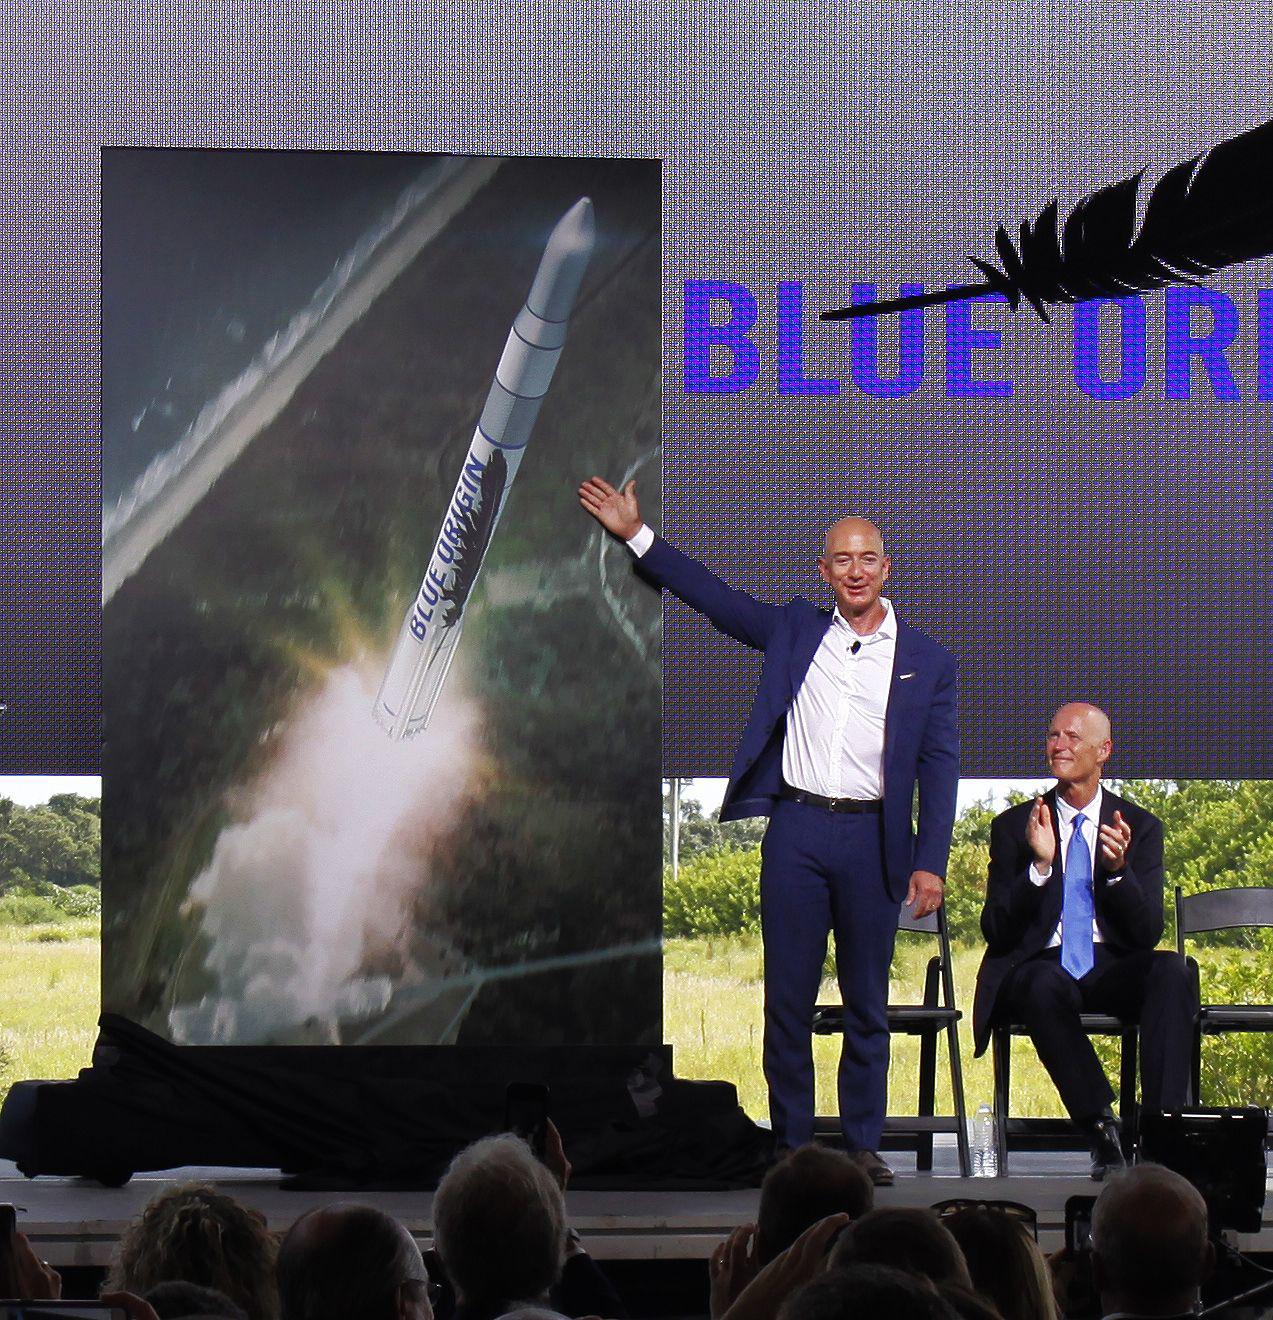 Presentato New Glenn, il nuovo lanciatore di Blue Origin